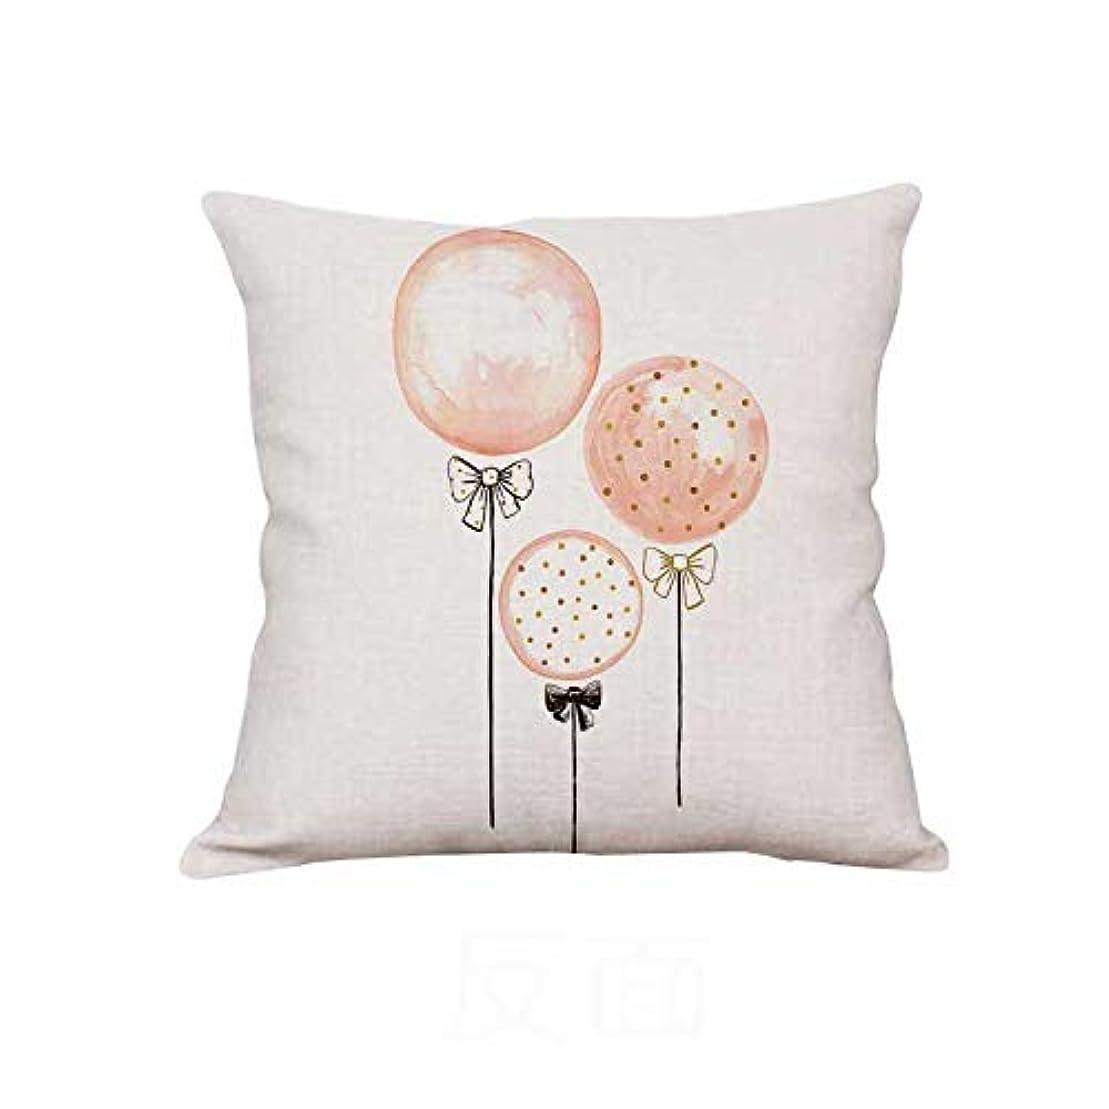 気候の山バラ色評価するLIFE 新しいぬいぐるみピンクフラミンゴクッションガチョウの羽風船幾何北欧家の装飾ソファスロー枕用女の子ルーム装飾 クッション 椅子